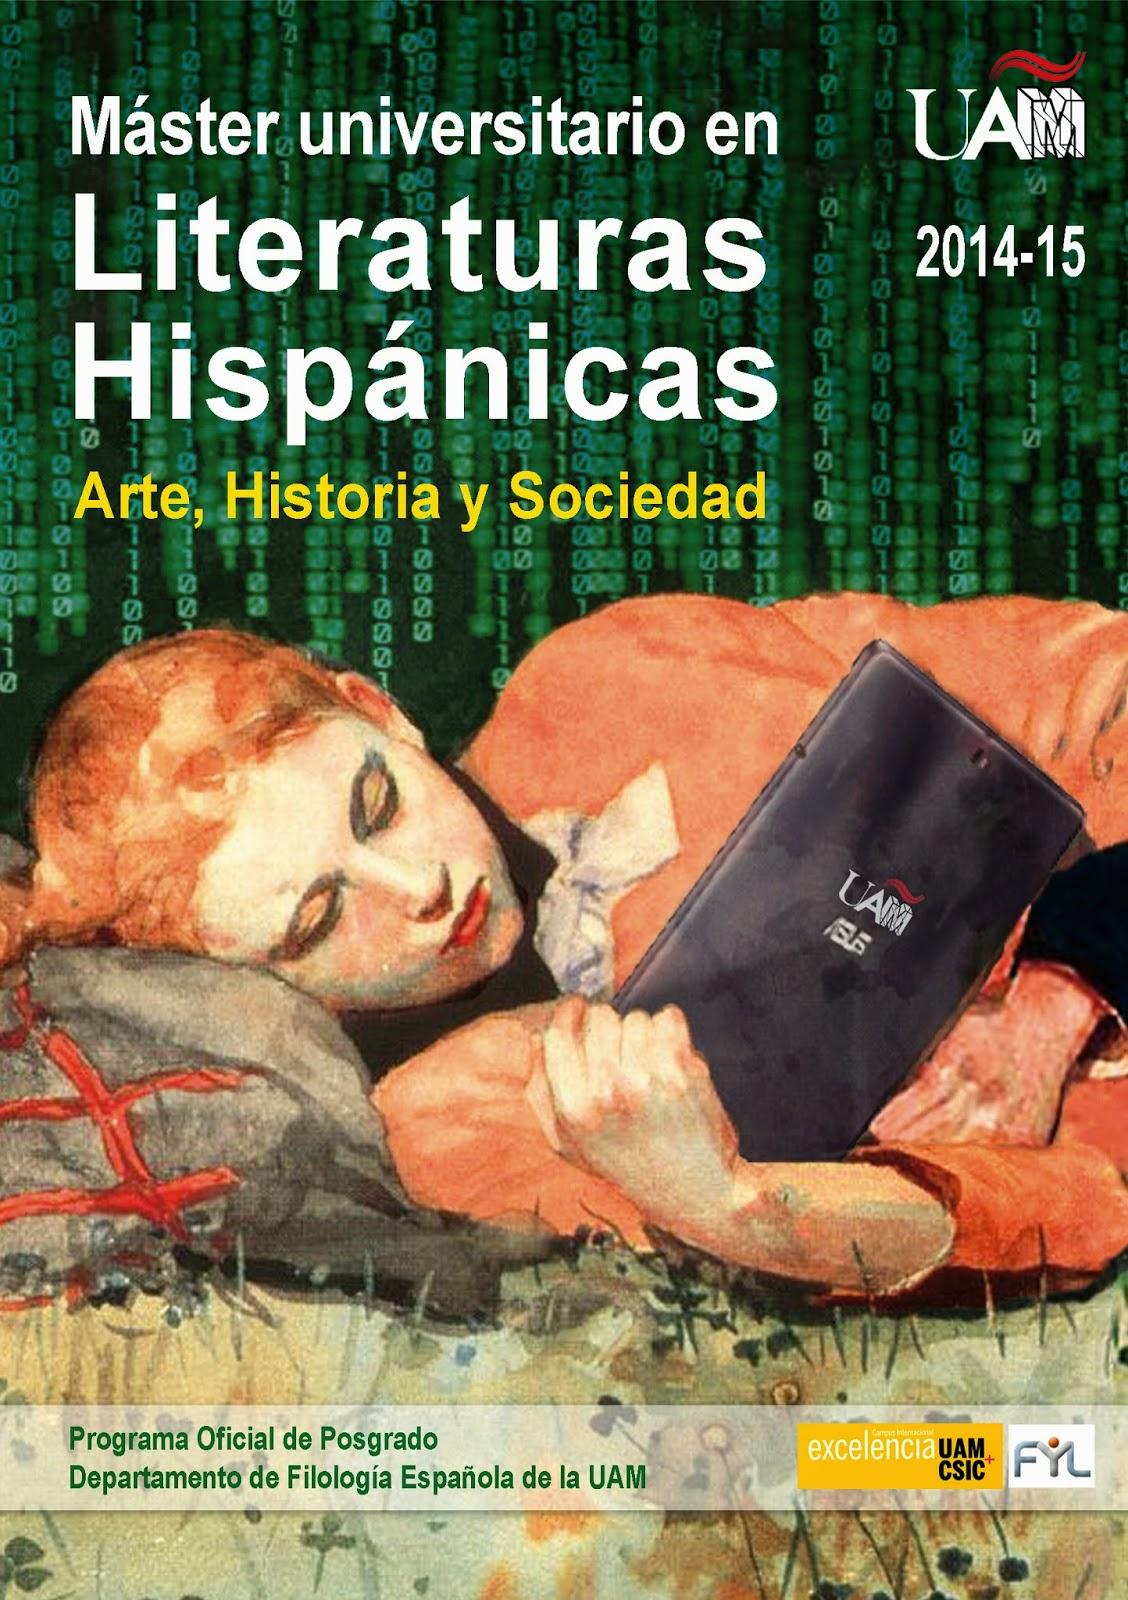 http://www.uam.es/otros/literatu/pdf/Diptico-Literaturas-Hipanicas-2014.pdf